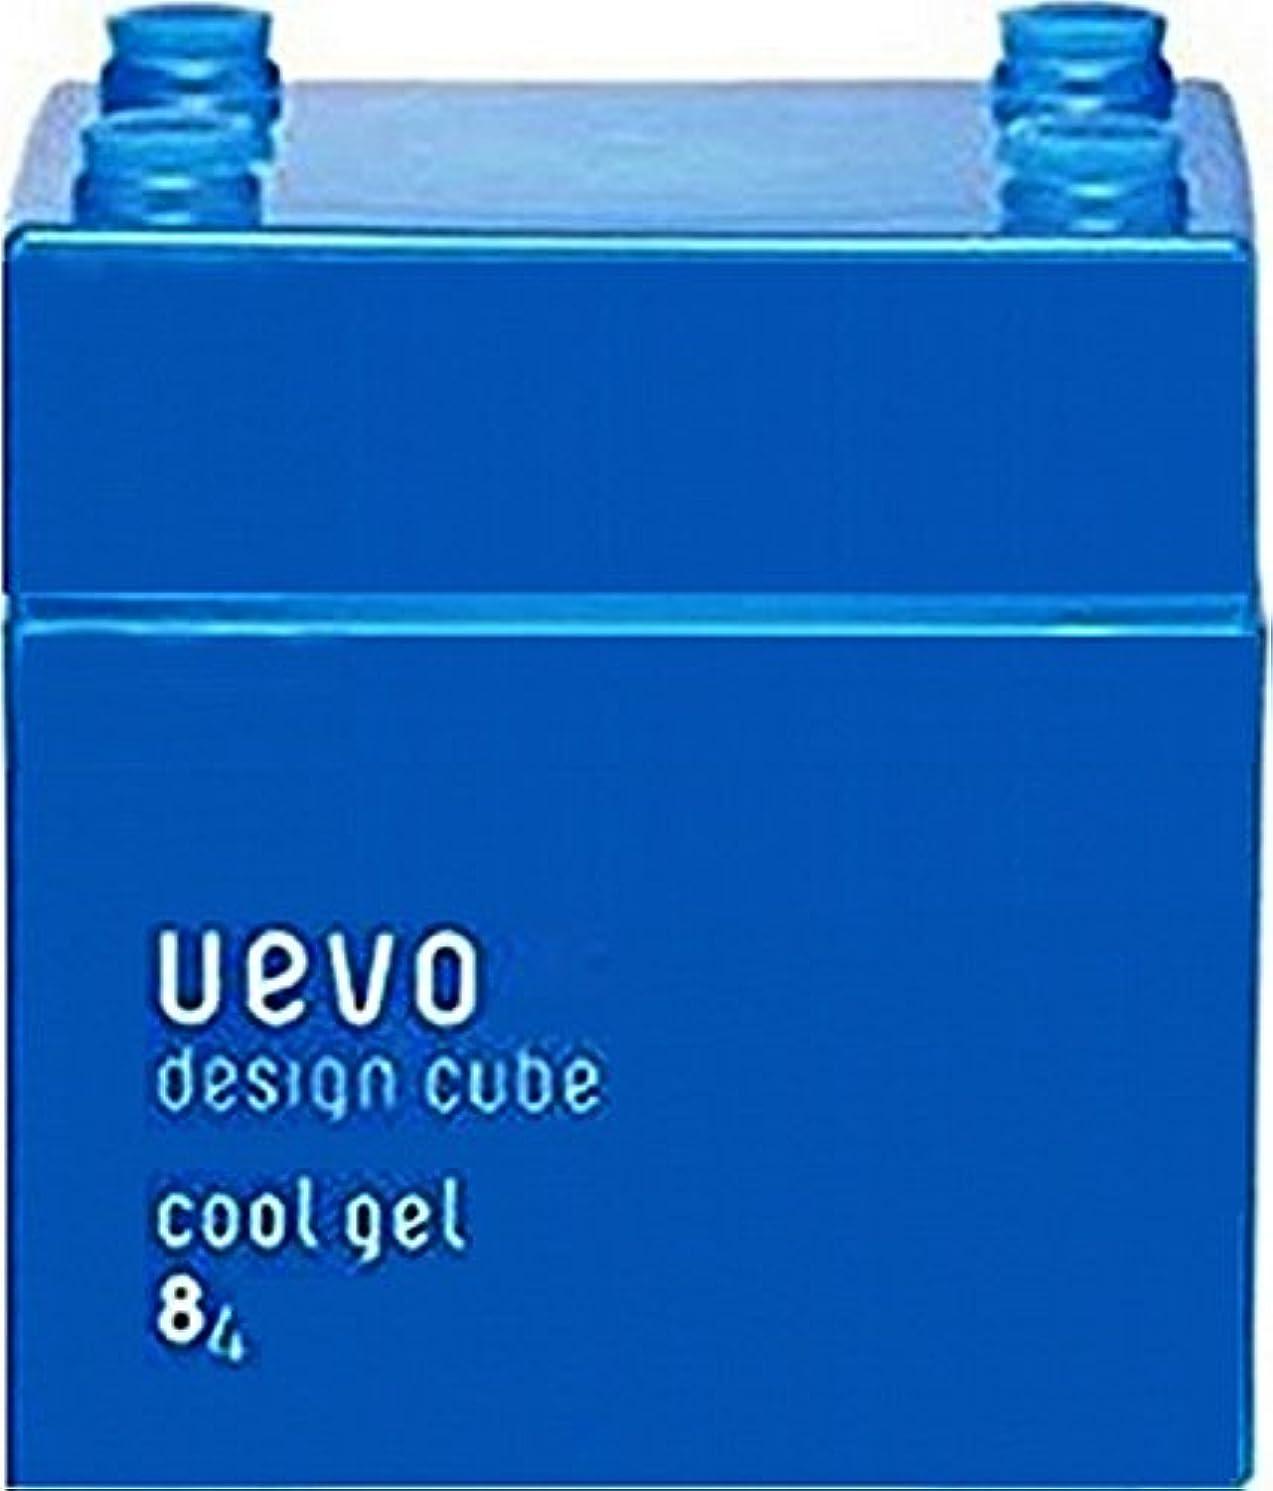 責多様体乳製品【デミコスメティクス】ウェーボ デザインキューブ クールジェル 80g